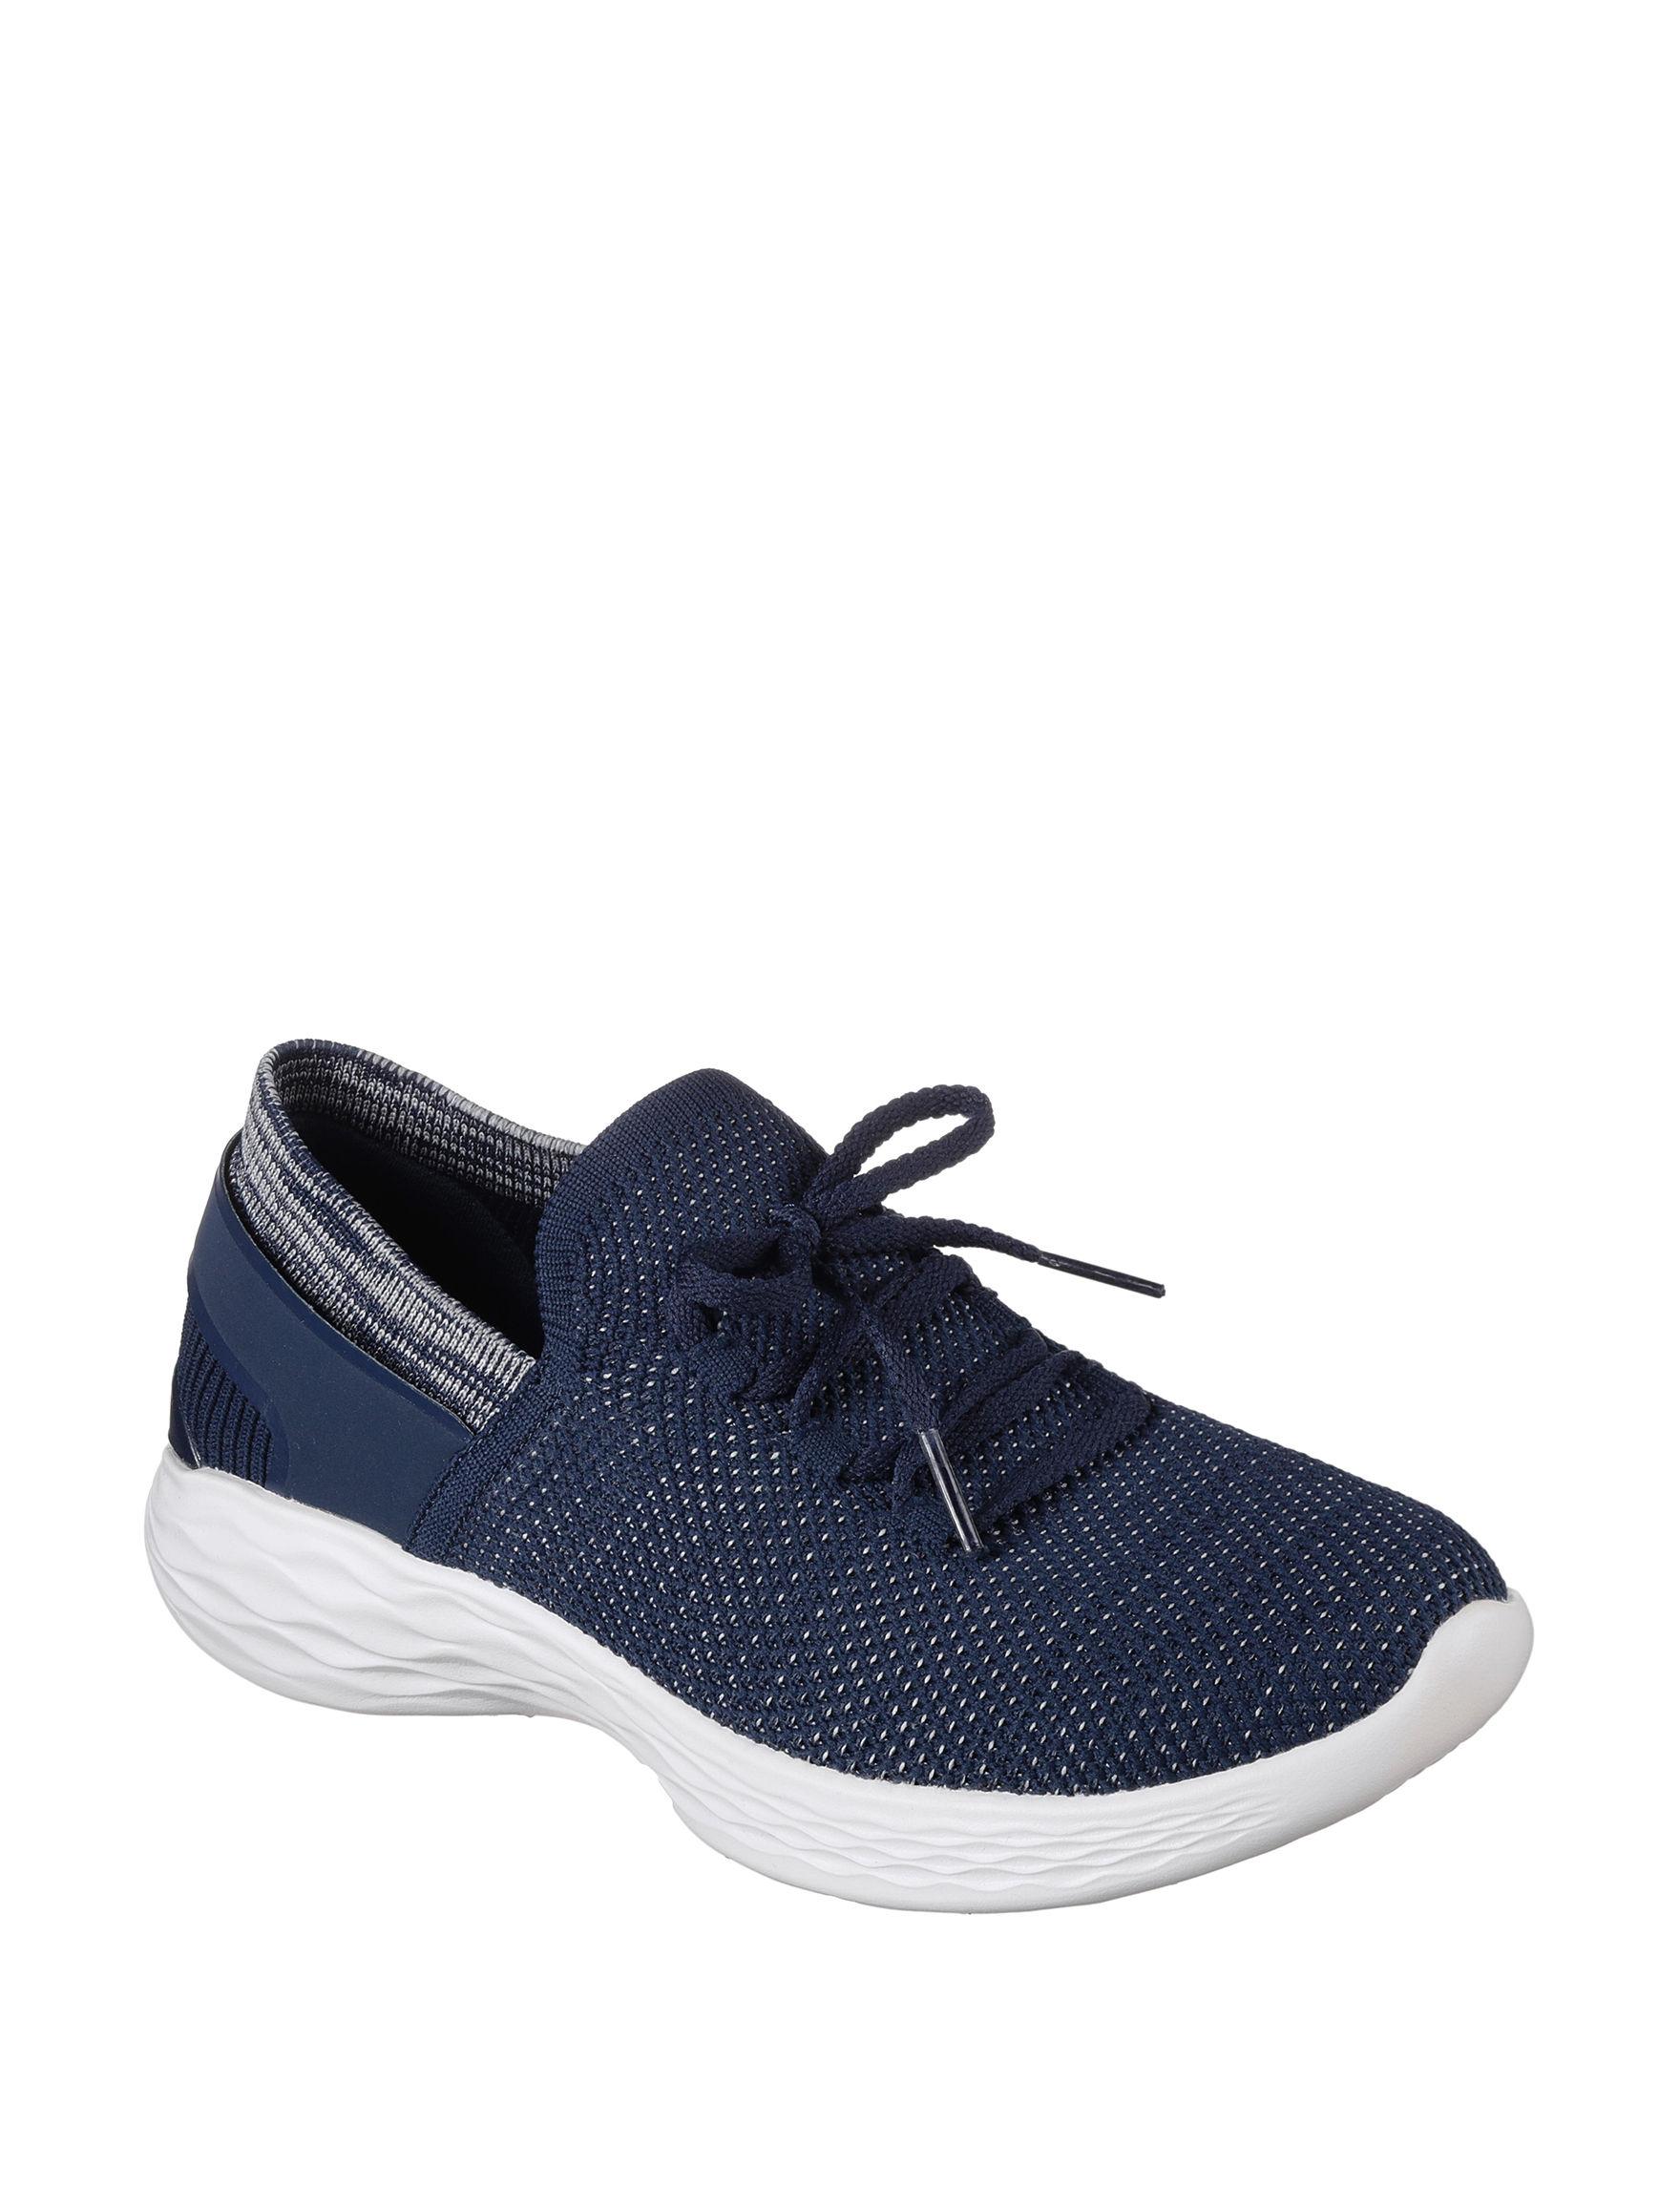 Skechers Navy Comfort